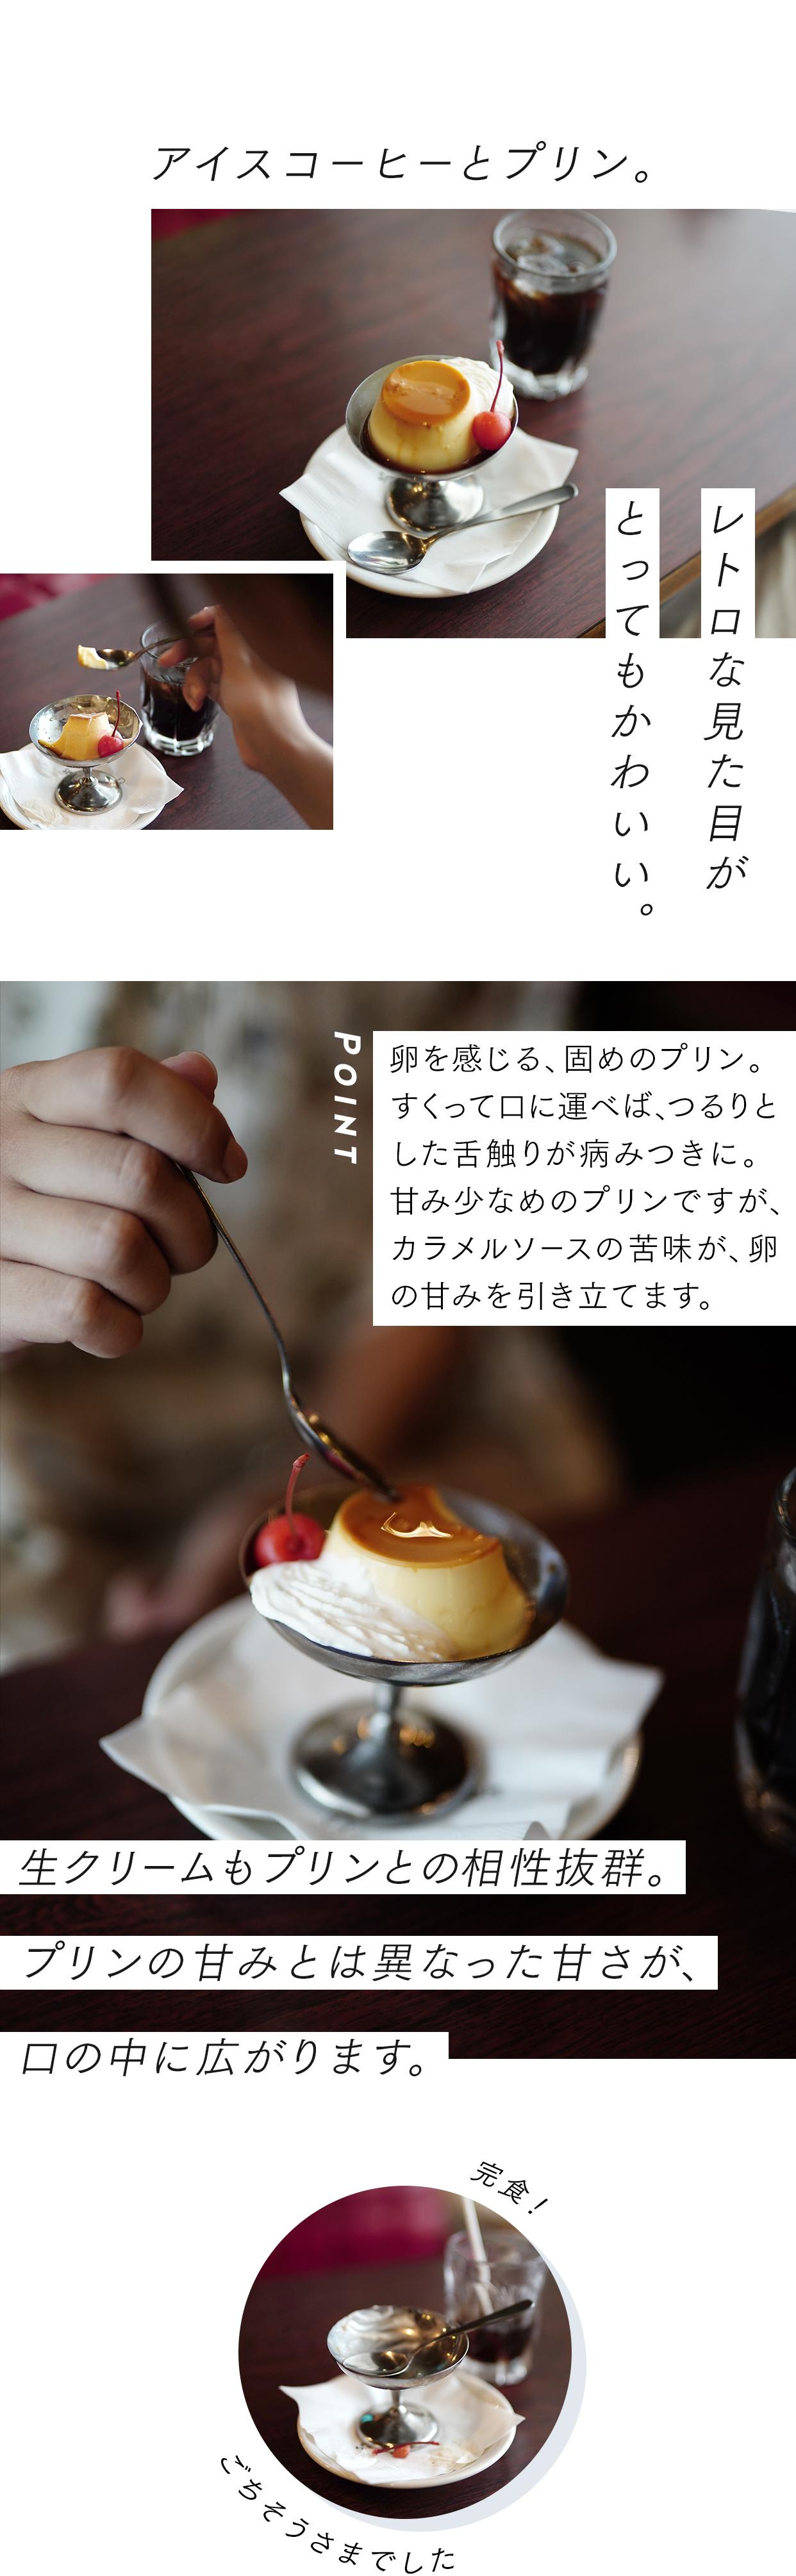 レトロとプリン。名古屋の老舗喫茶「ボンボン」でちょっとお茶でもしませんか。 - bonbon 05